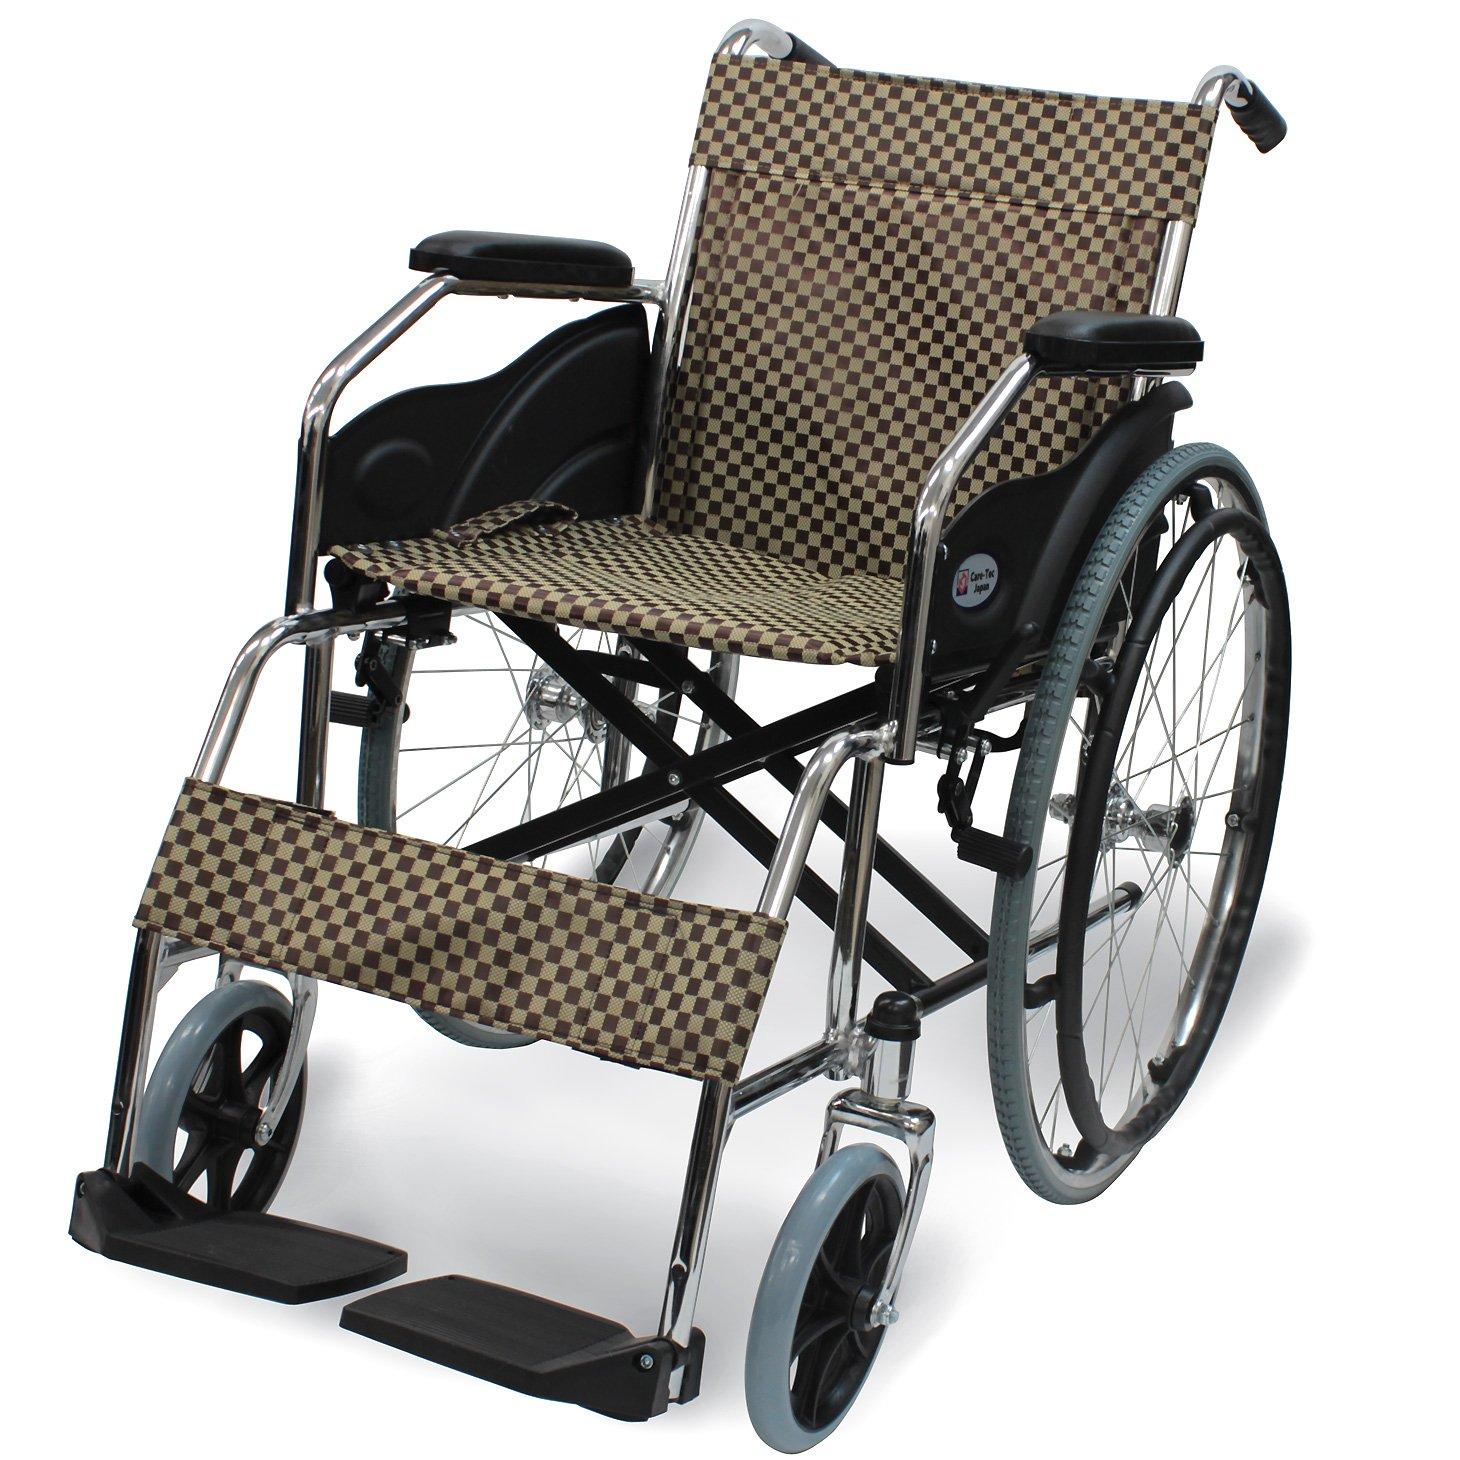 ケアテックジャパン 自走式 スチール製 折りたたみ 車椅子 ウィッシュ CS-10 ハーリキンチェック B01EJ5LY7E ハーリキンチェック ハーリキンチェック